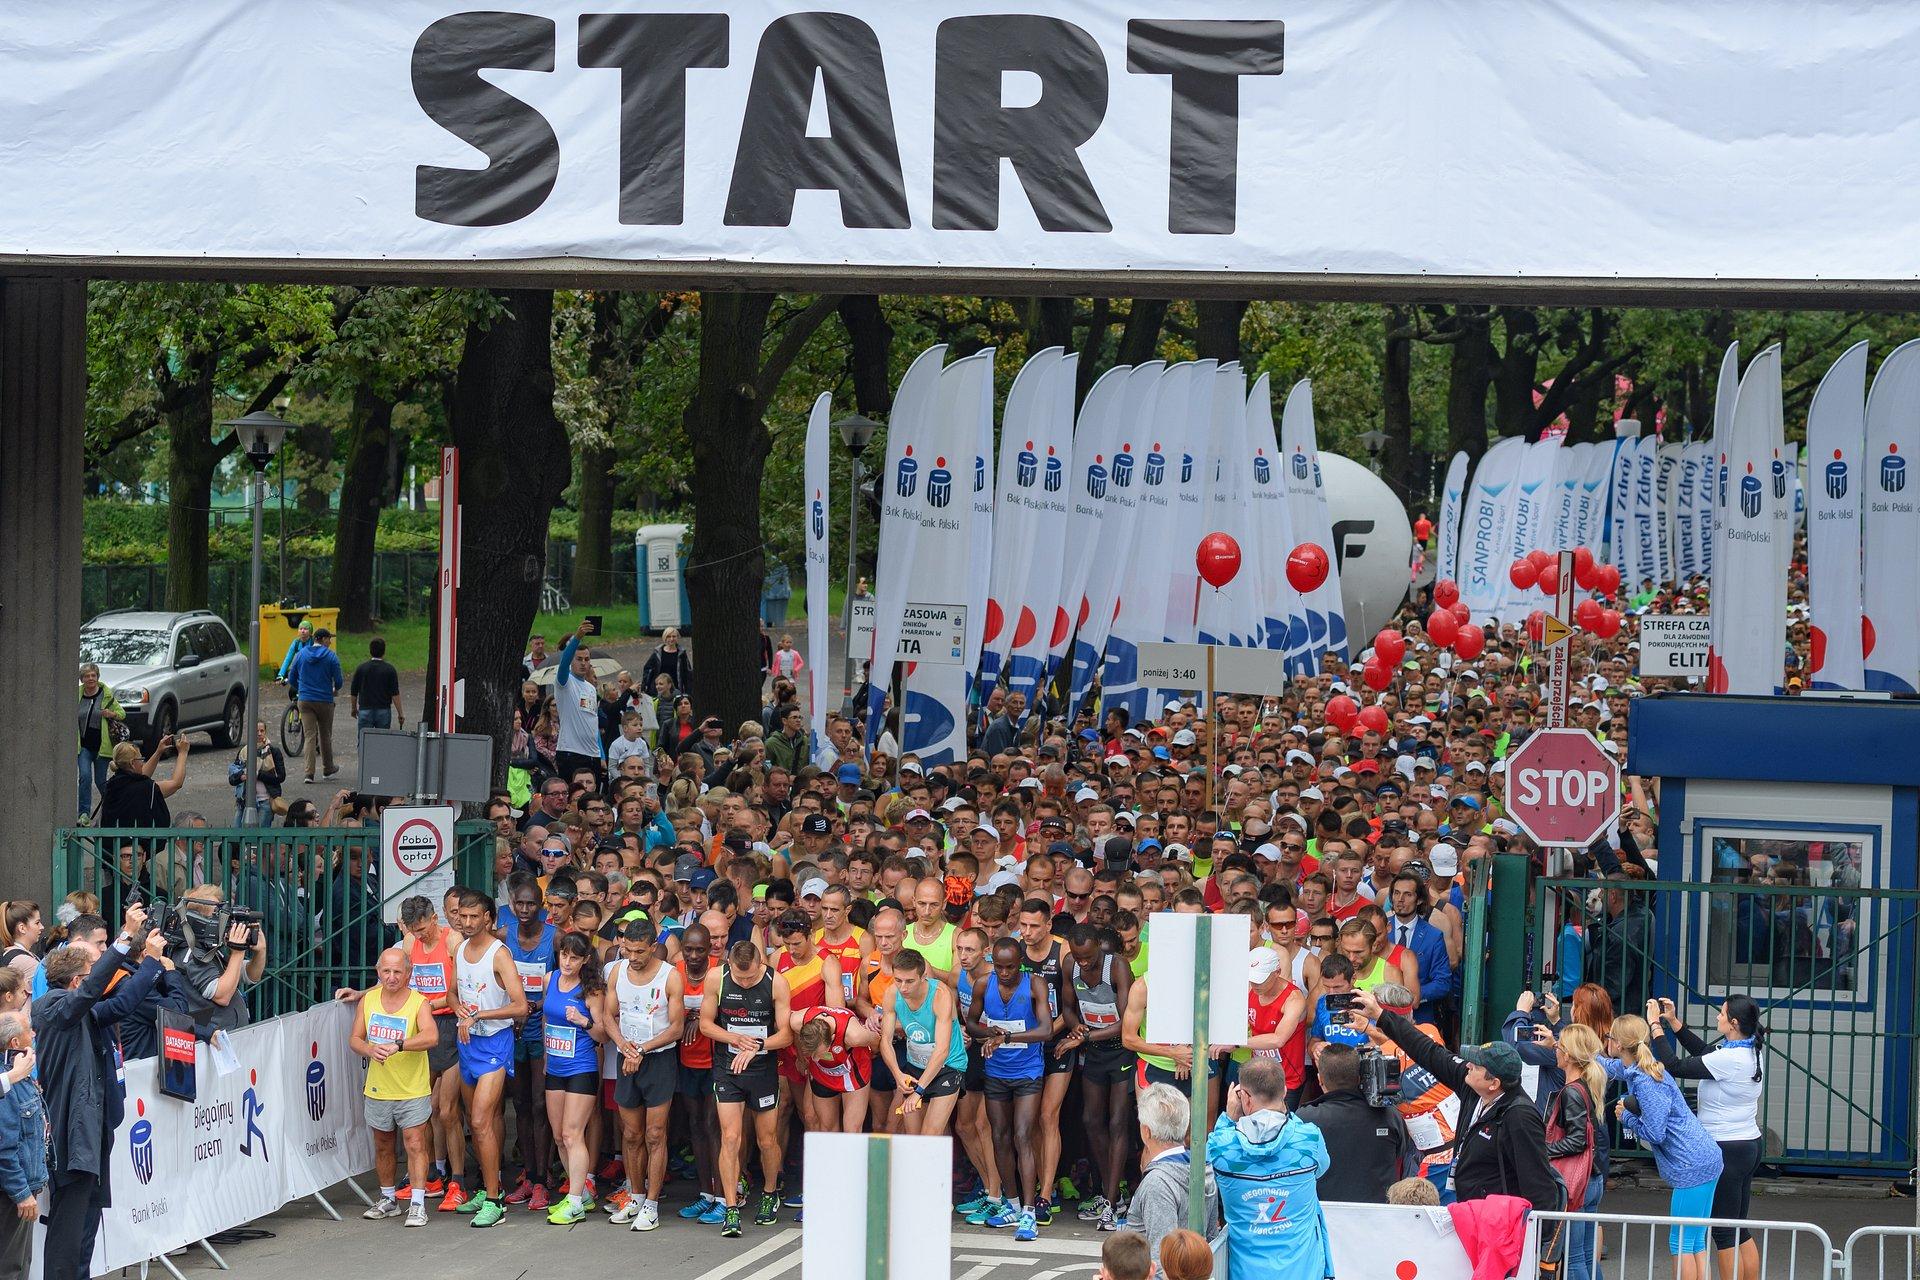 Ponad 4,5 tysiąca uczestników 35. PKO Wrocław Maratonu i rekord trasy wśród kobiet